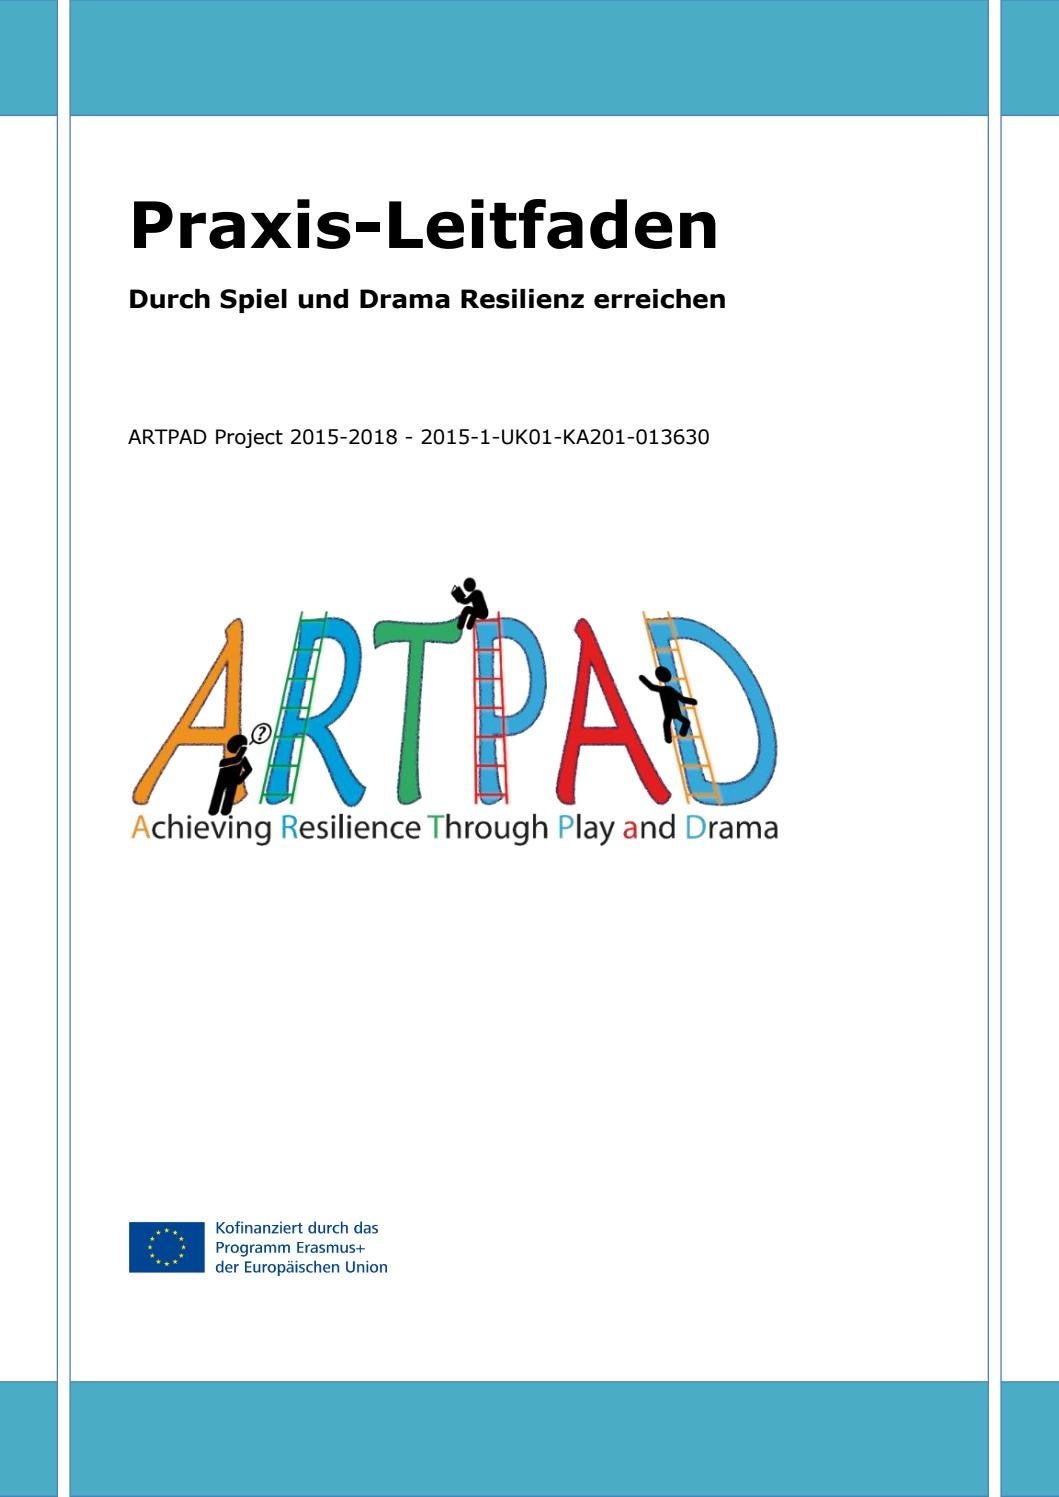 ARTPAD Praxis-Leitfaden by Playwork Partnerships - issuu